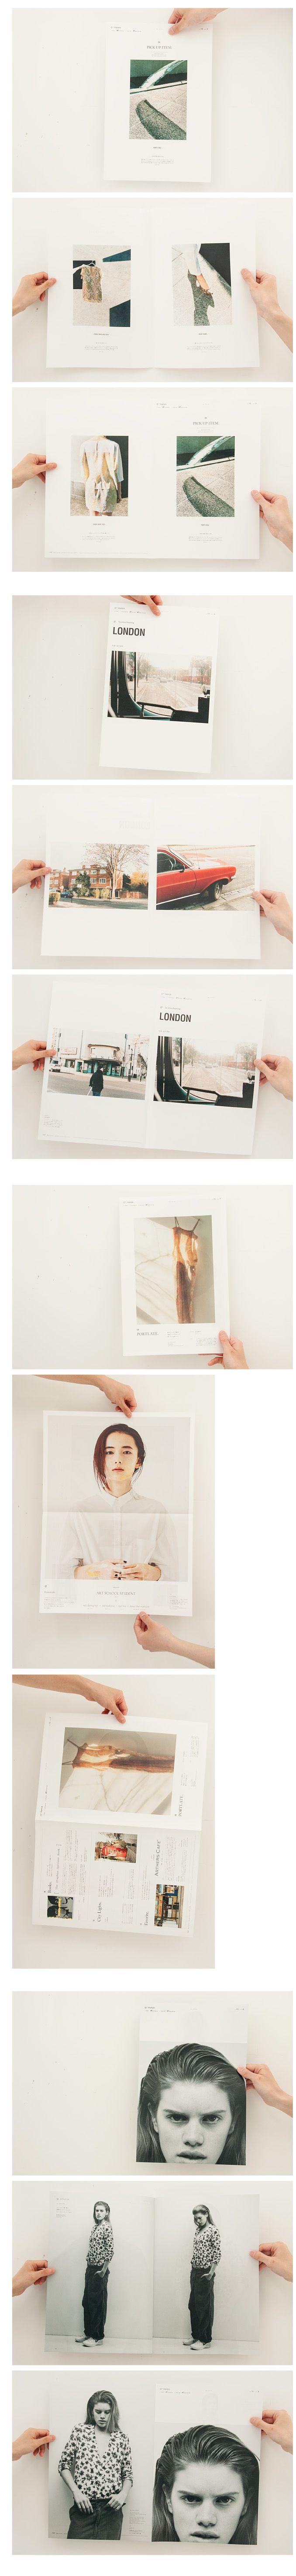 組写真の楽しさが増幅。 ページを繰る期待感。